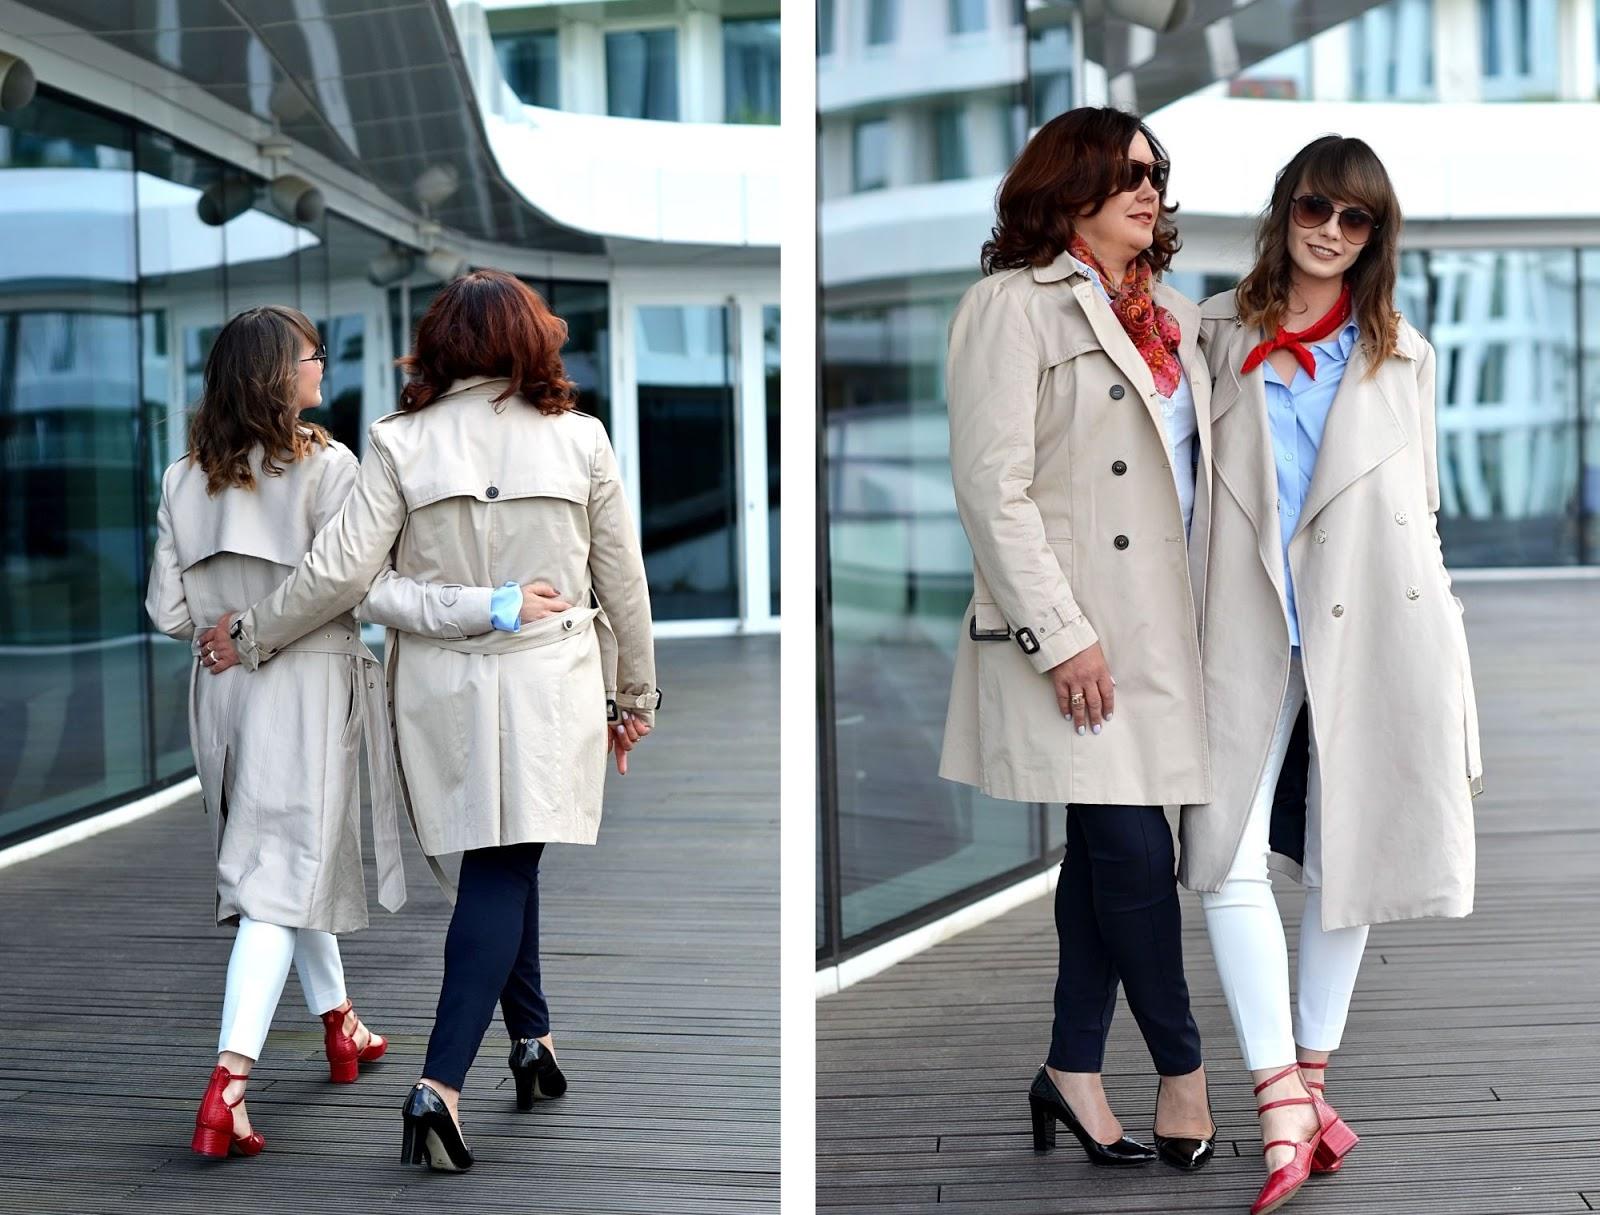 dzien mamy | sesja z mamą | blog modowy | blog o modzie | blogi | blog z krakowa